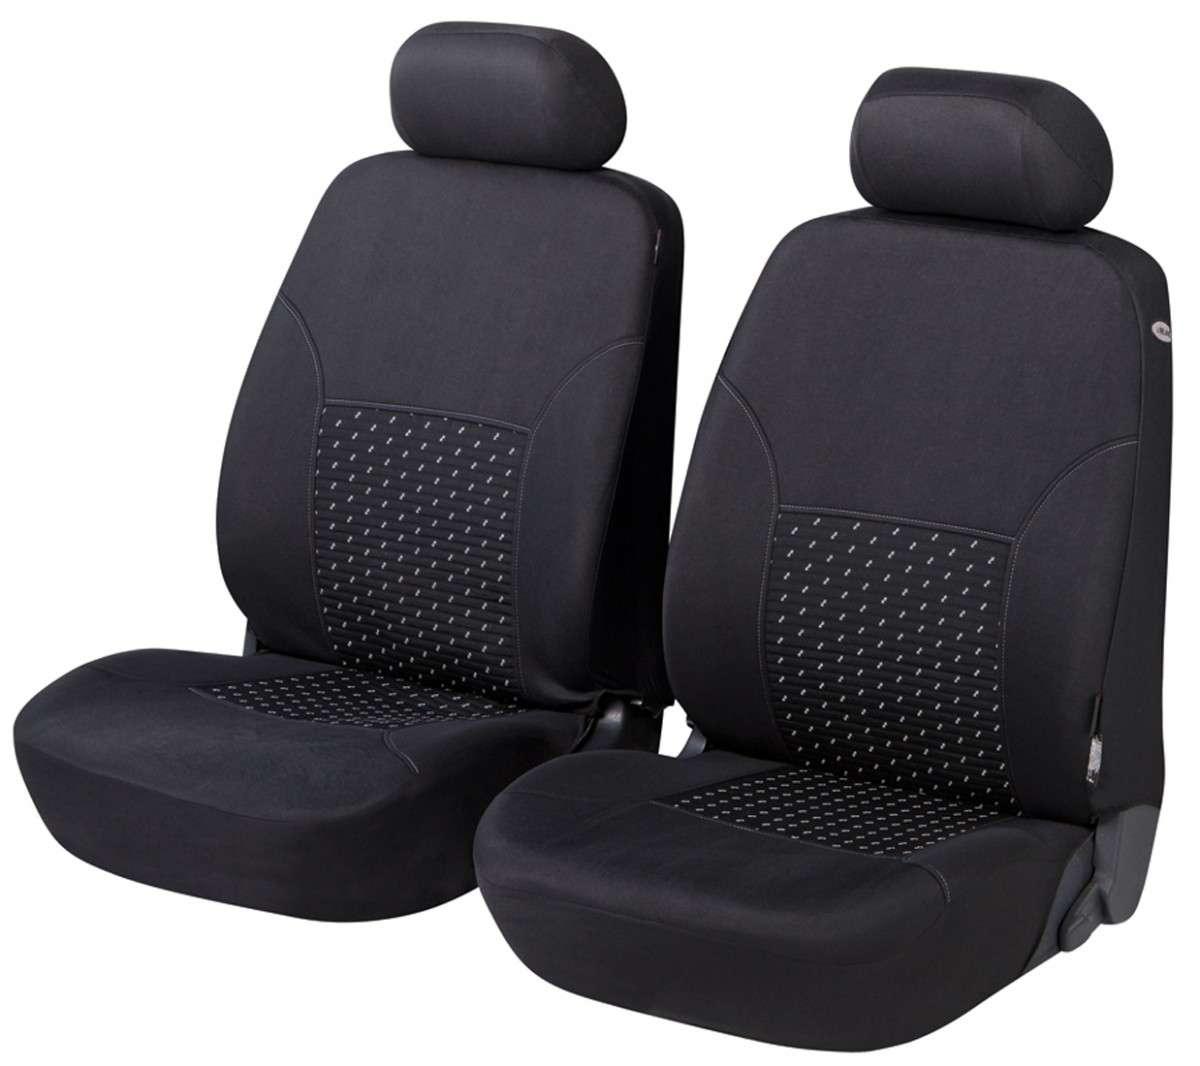 Schwarz-graue Dreiecke Sitzbezüge für DAIHATSU CUORE Autositzbezug VORNE